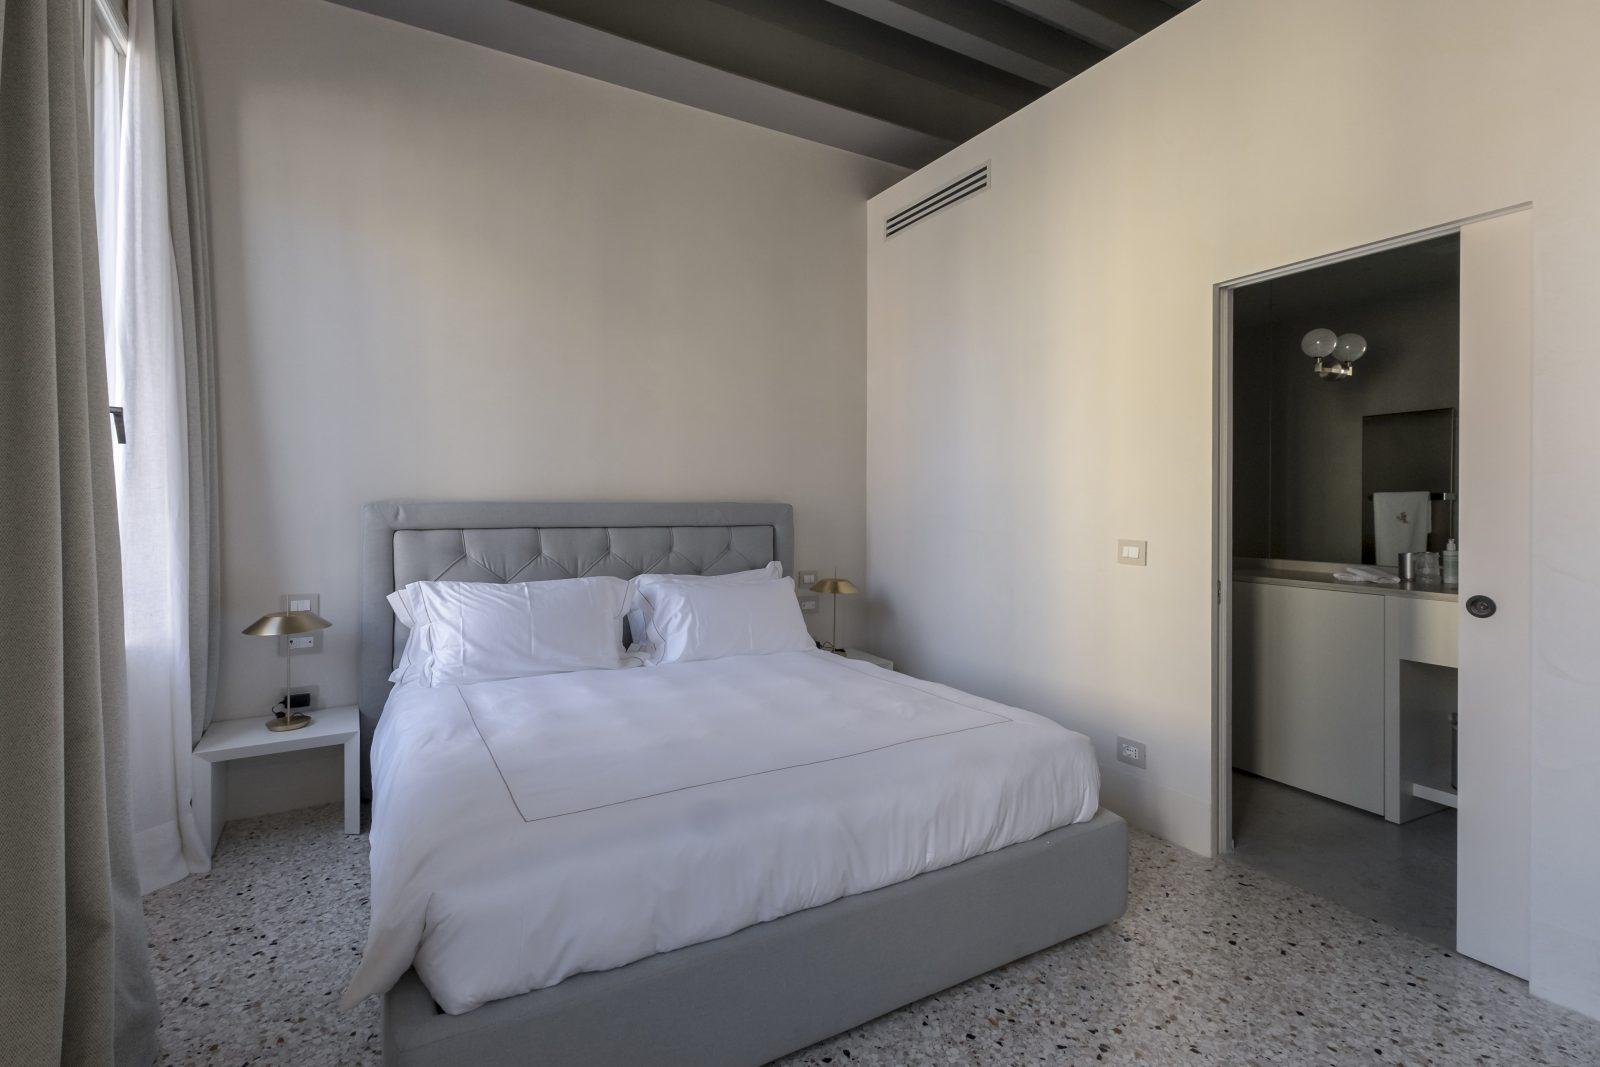 camera-grigio-appartamento-coriandolo-bianco-matrimoniale-bagno-comodini-venezia-palazzo-morosini